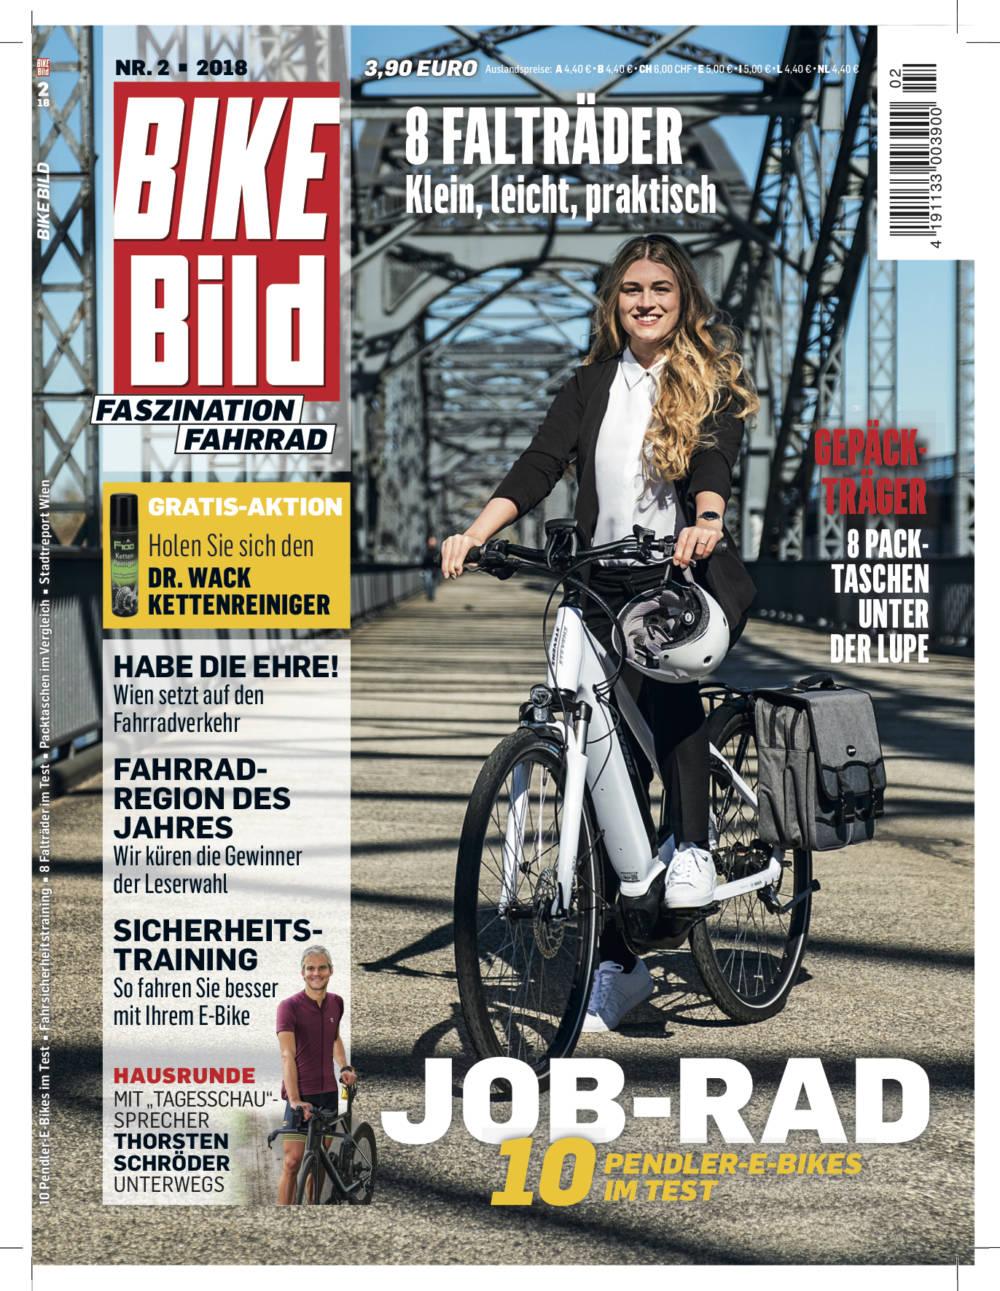 Das Cover der BIKE BILD